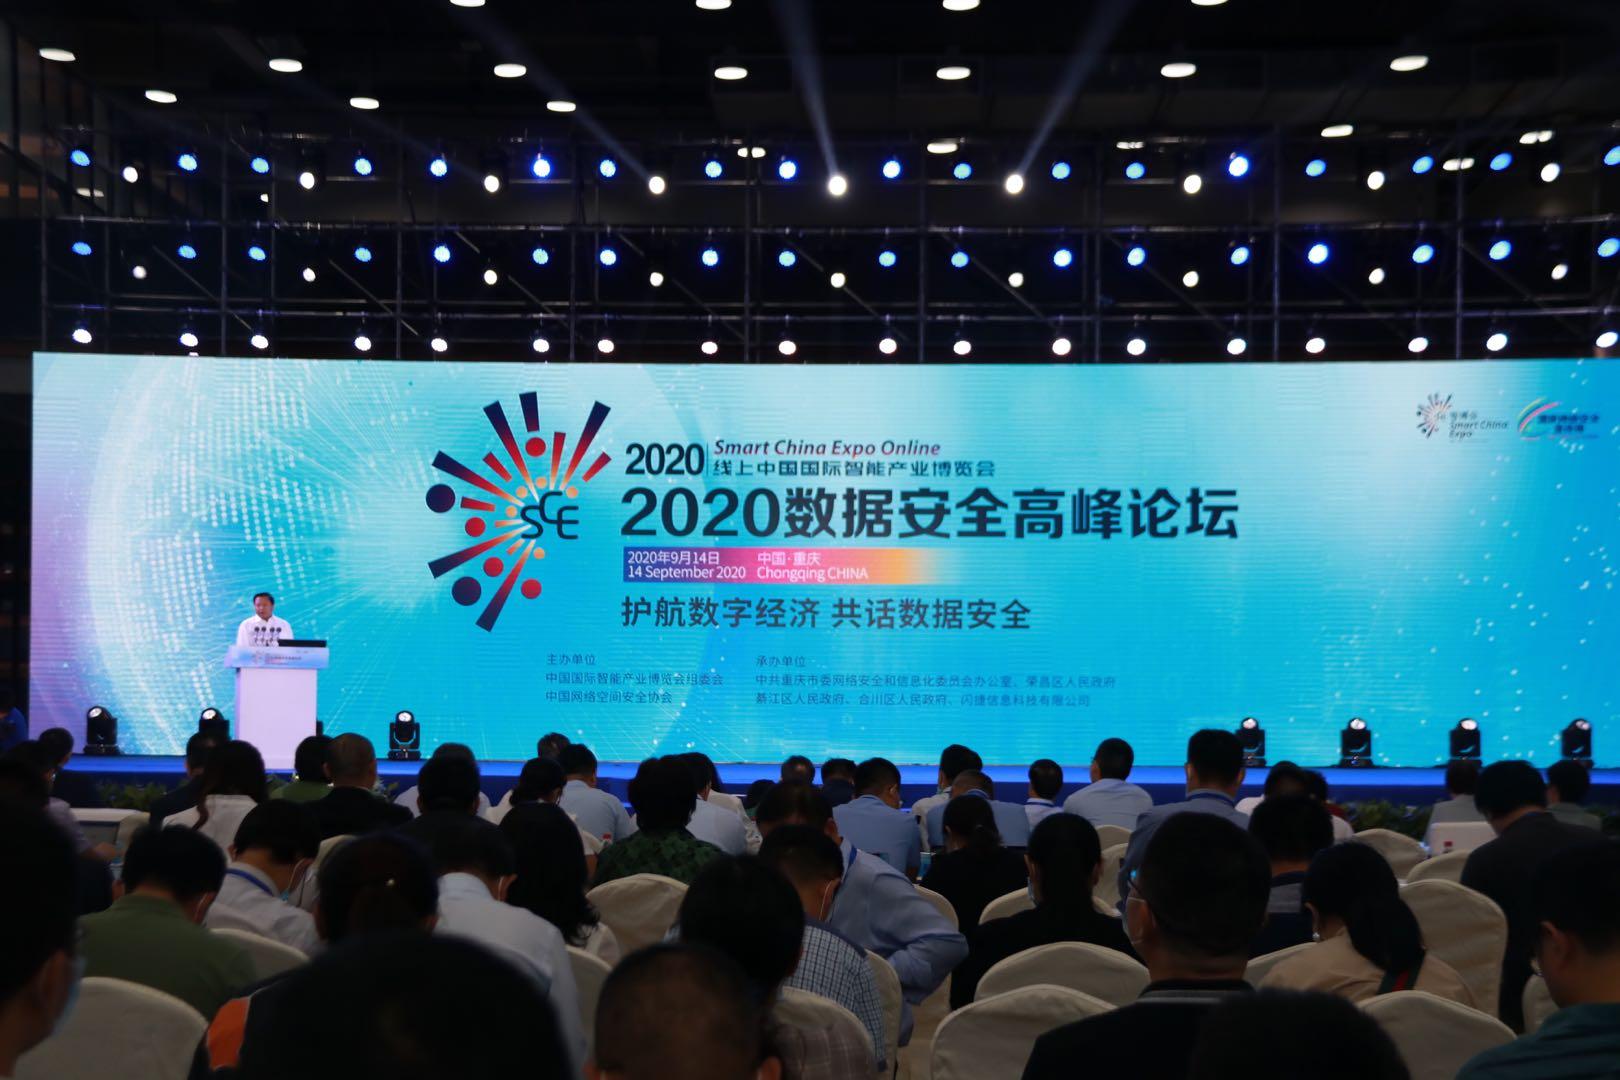 2020数据安全高峰论坛 | 院士专家共聚小镇 论道数据安全